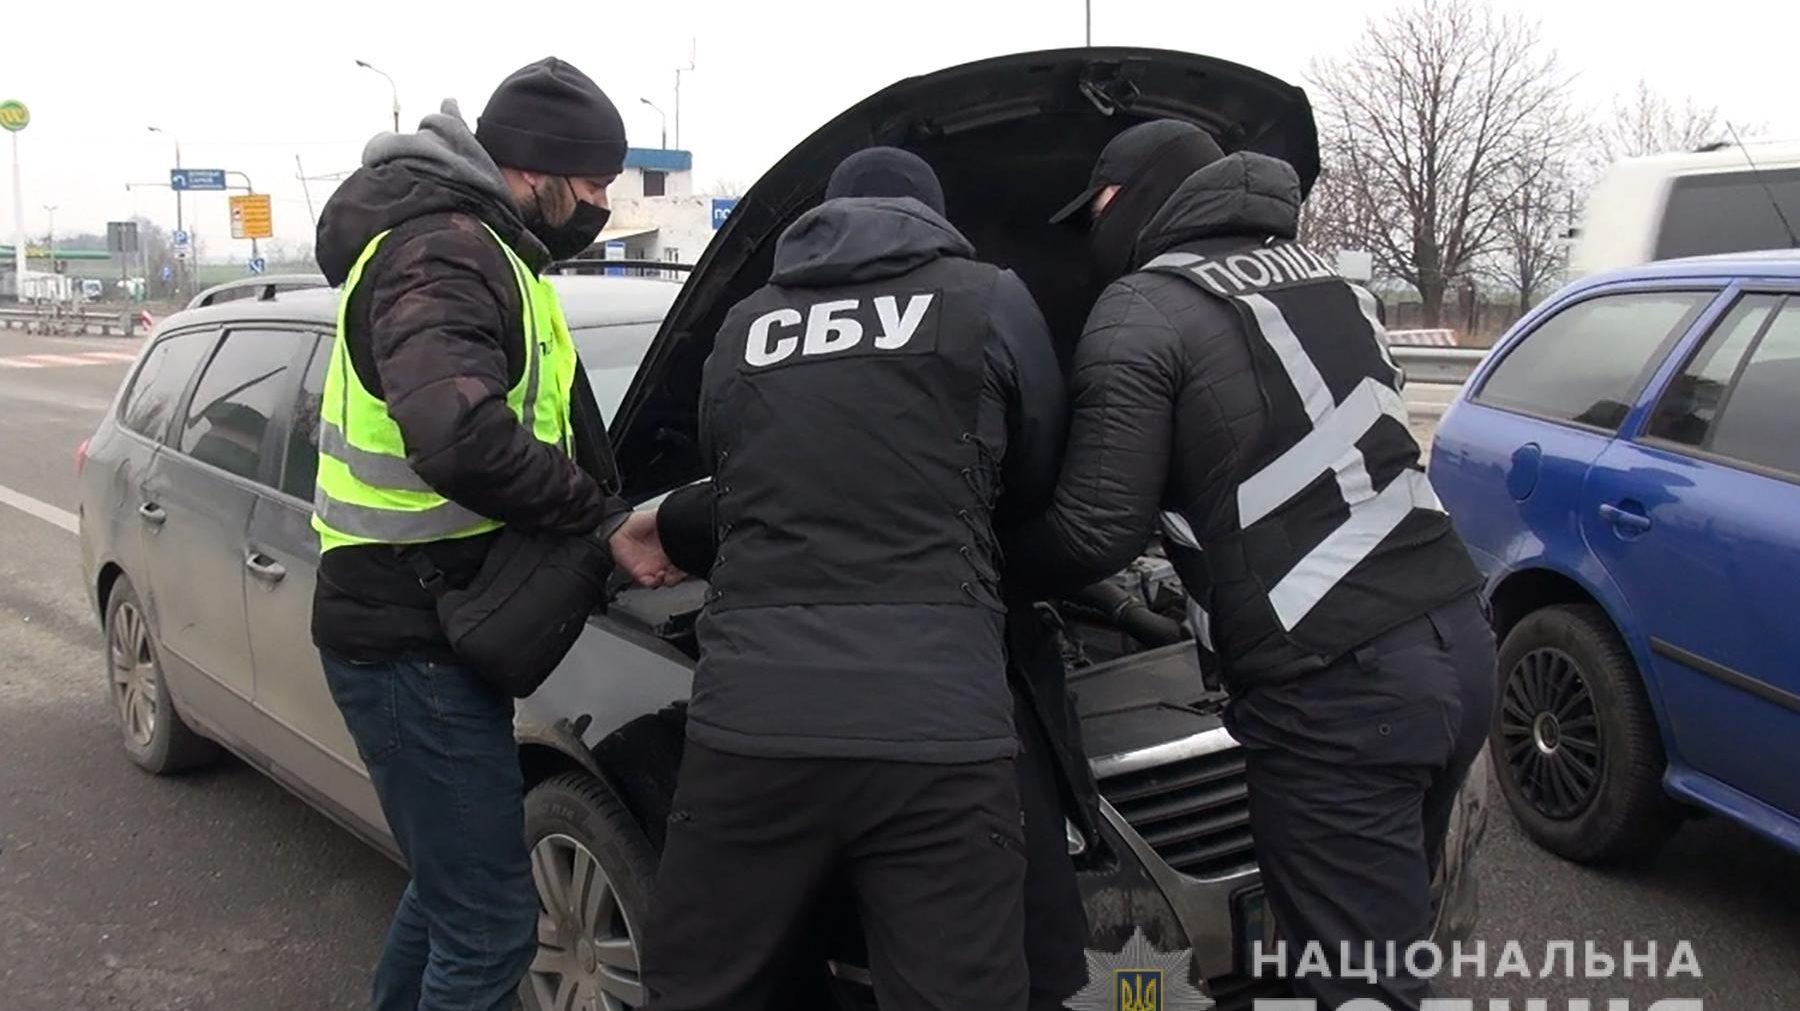 Запоріжець за три тисячі гривень переправляв людей до так званої «ДНР»